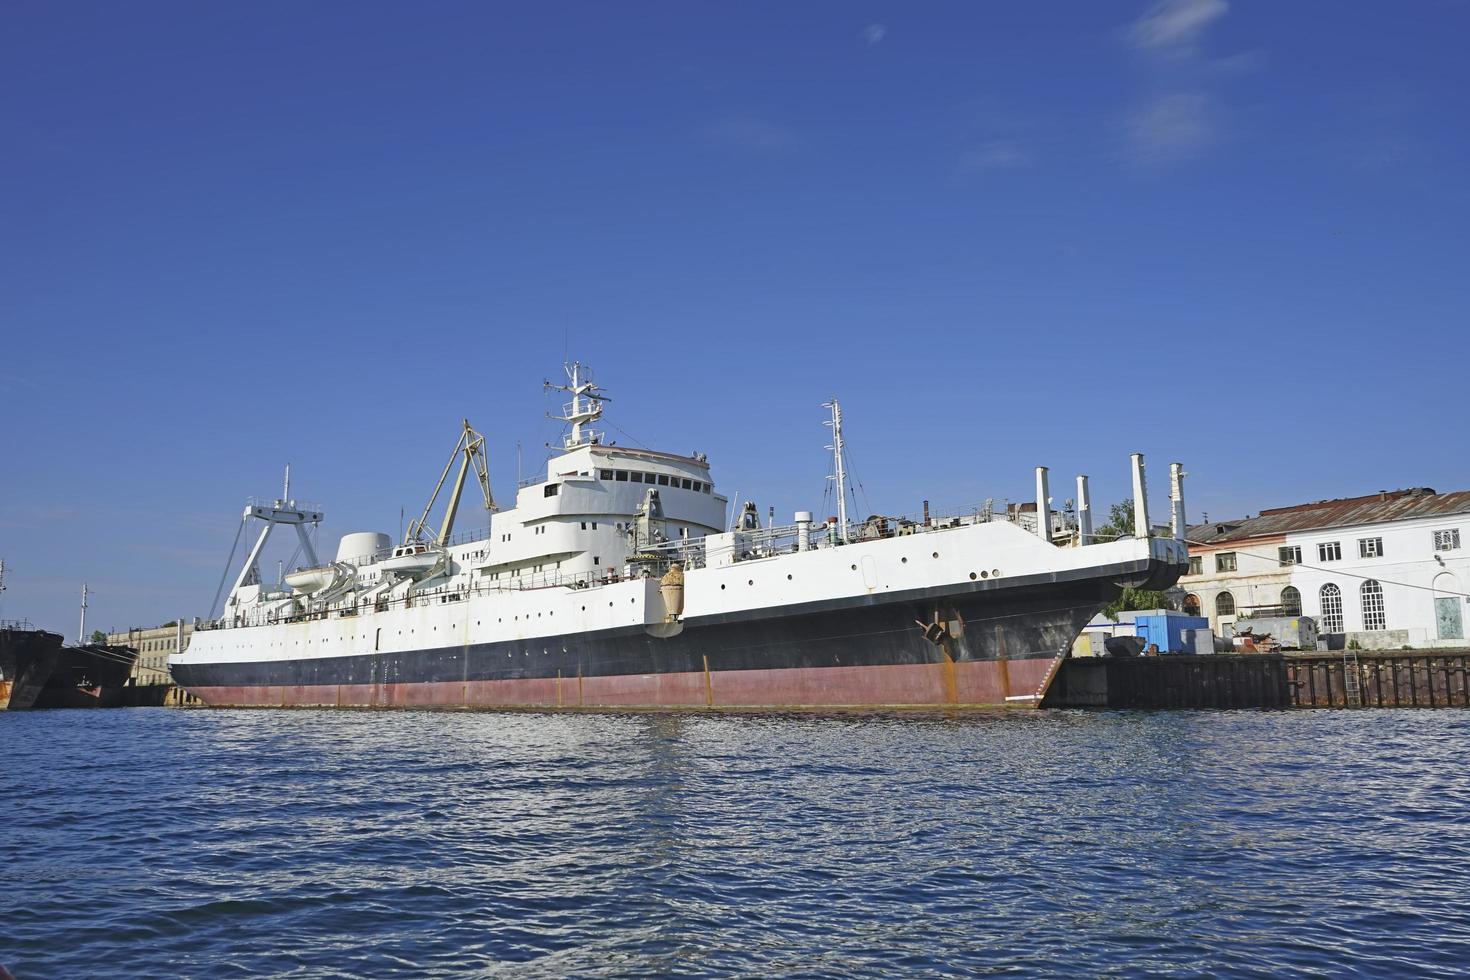 paysage marin avec vue sur les navires de guerre à l'embarcadère. photo